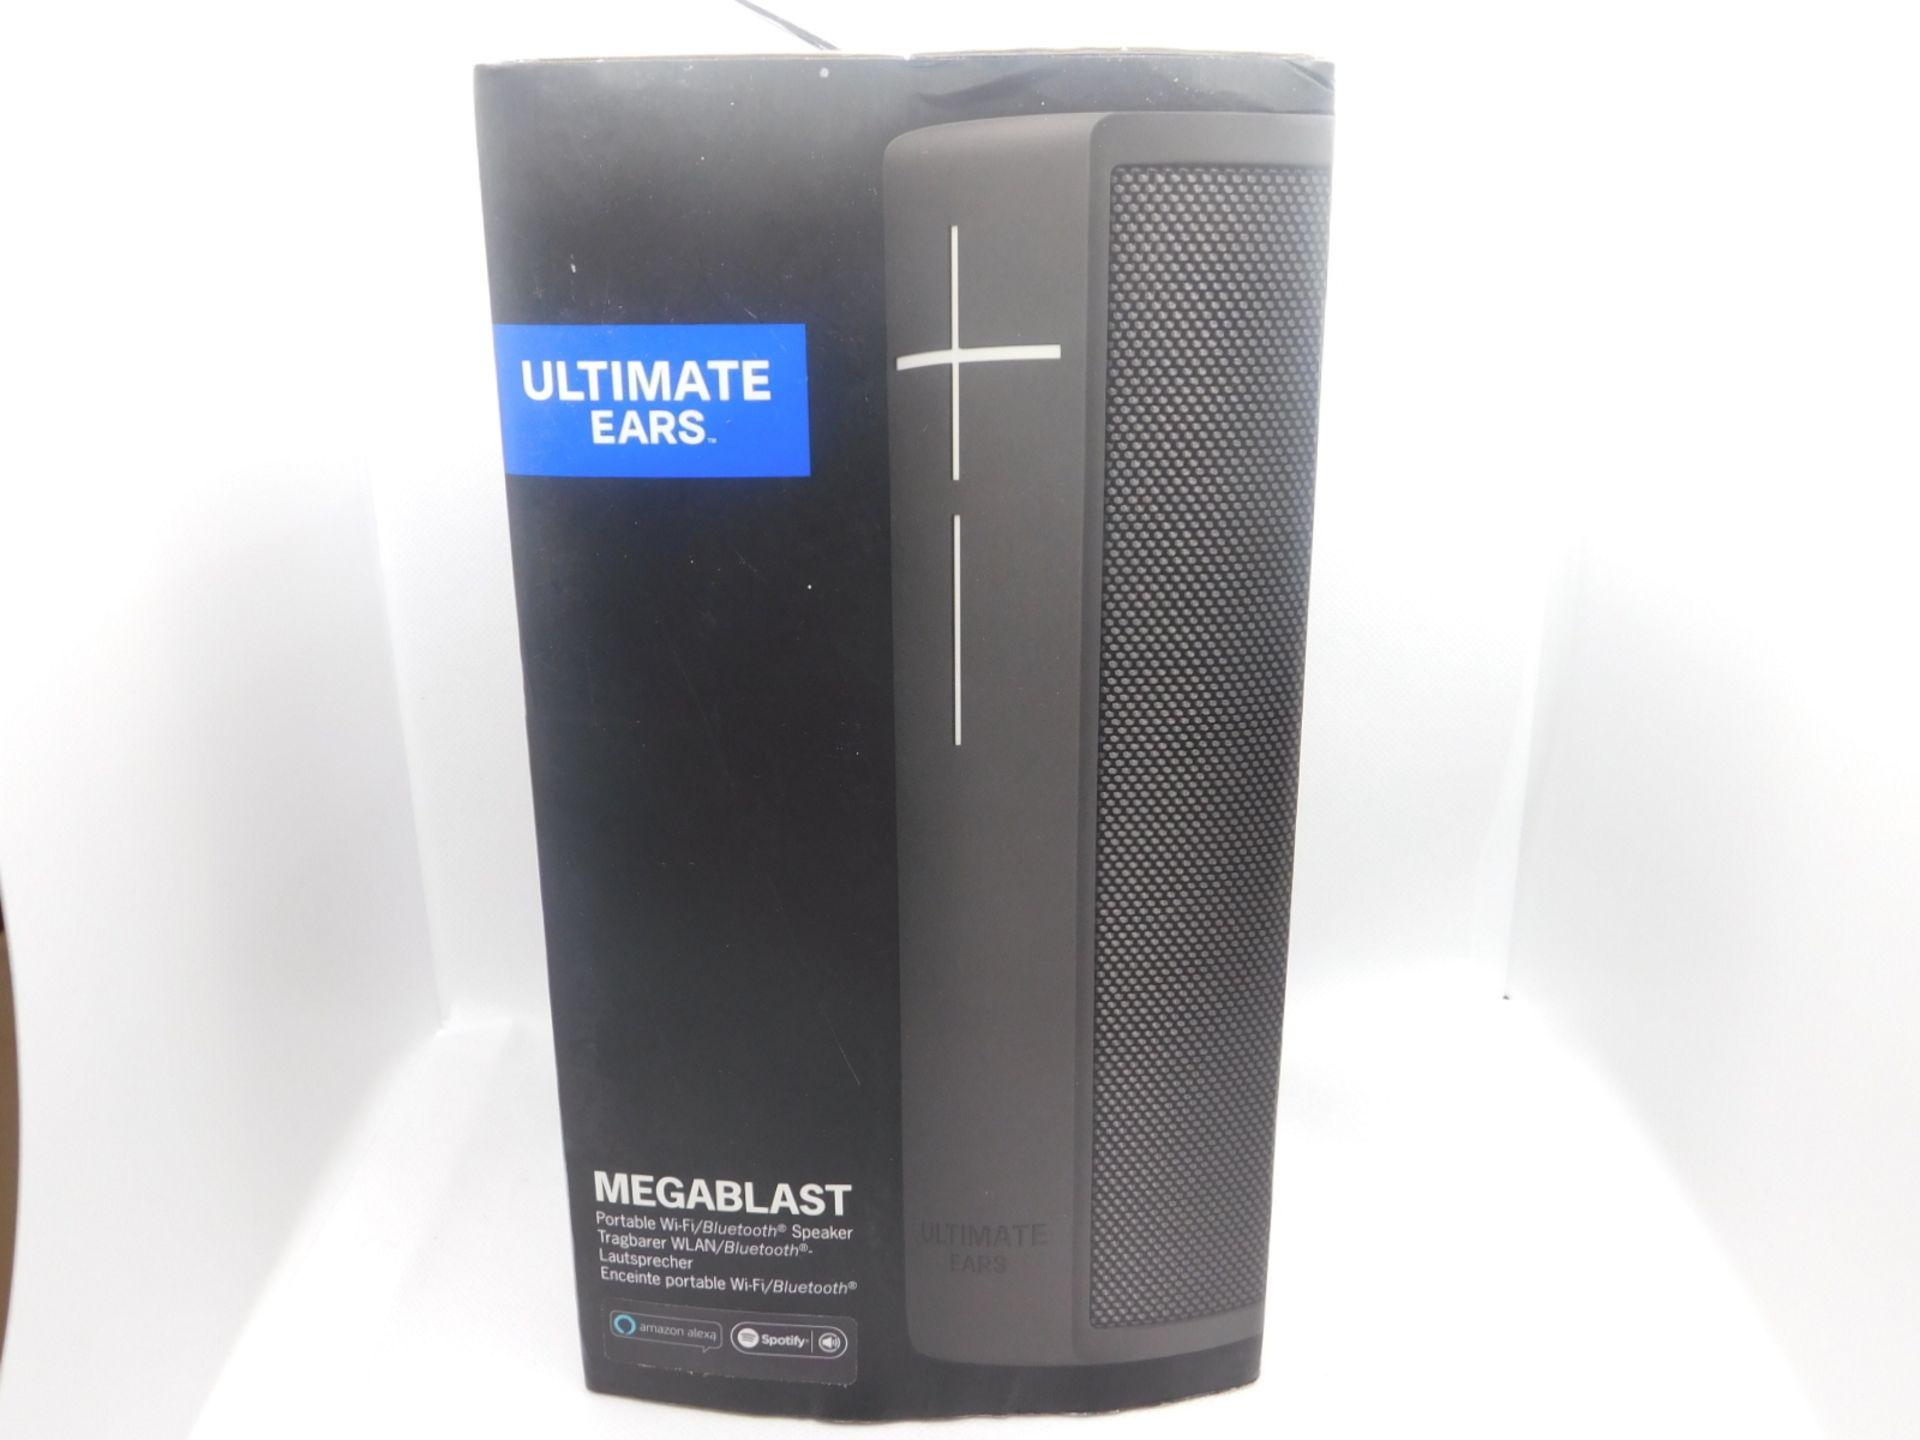 1 BOXED ULTIMATE EARS MEGABLAST PORTABLE BLUETOOTH SPEAKER WITH AMAZON ALEXA RRP £199